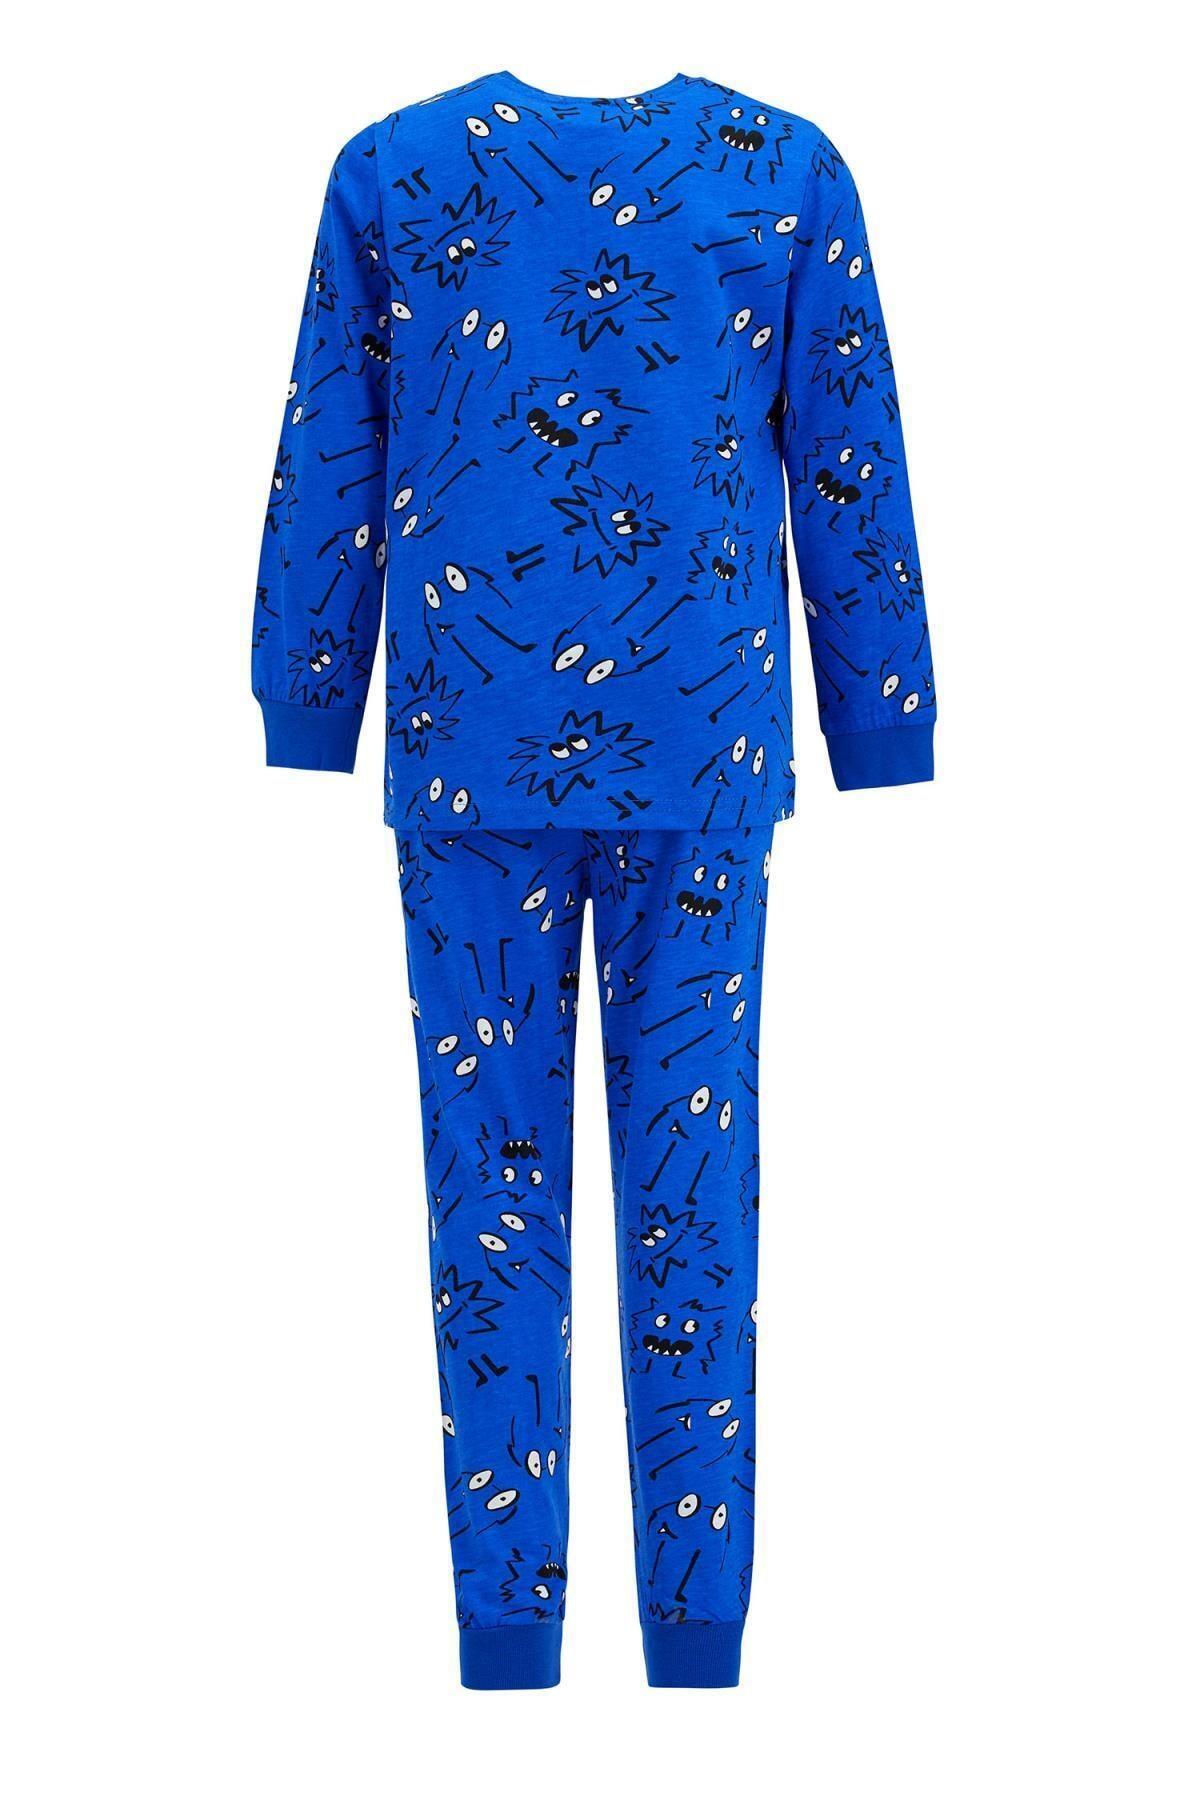 DeFacto Erkek Çocuk Baskı Desenli Uzun Kol Pijama Takım 2